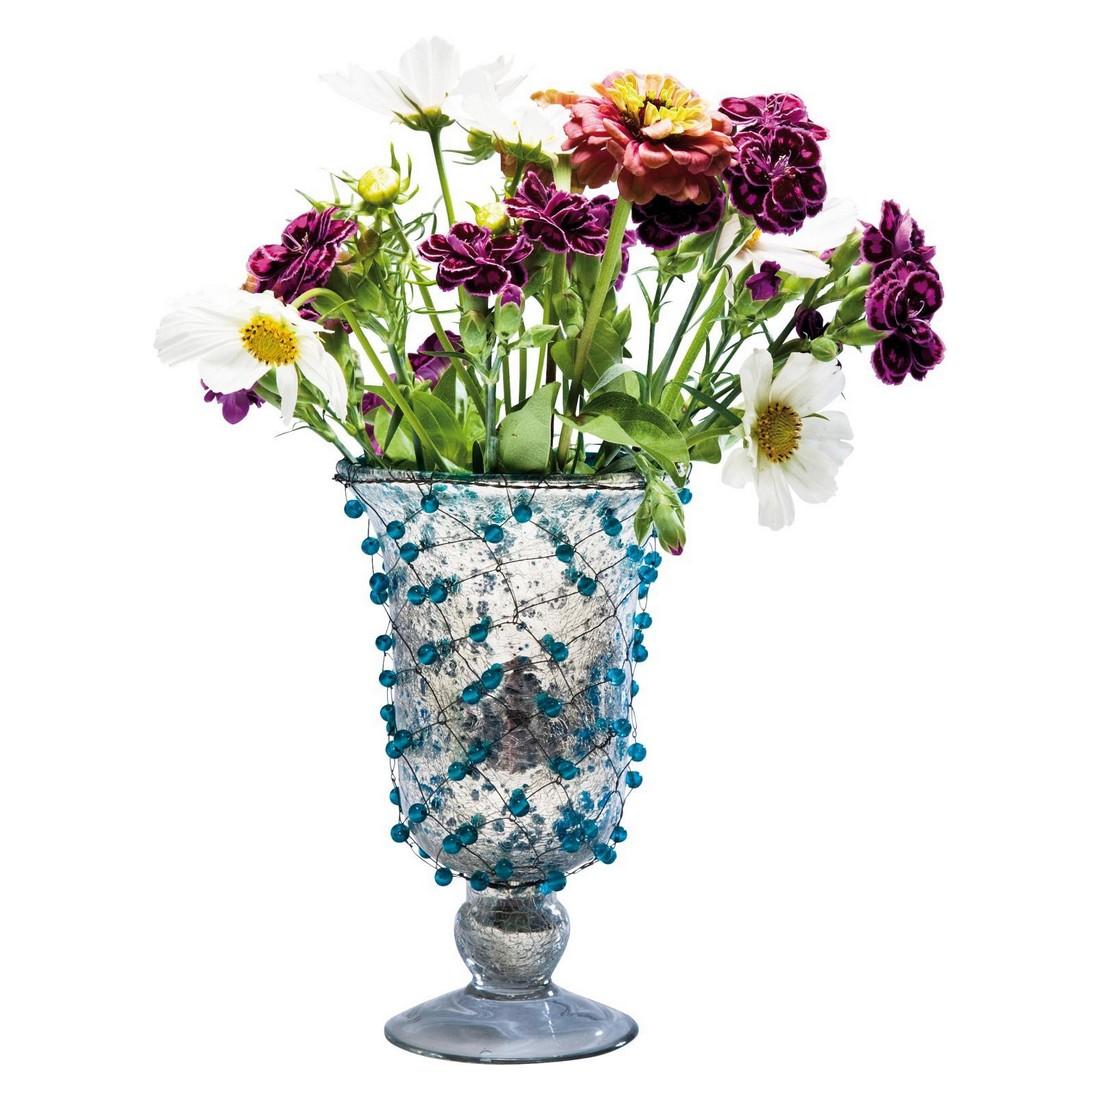 Vase Wire Beads Blue 22cm – Glas silberfarben lackiert, Eisendraht, Glasperlen Blau, Kare Design jetzt bestellen